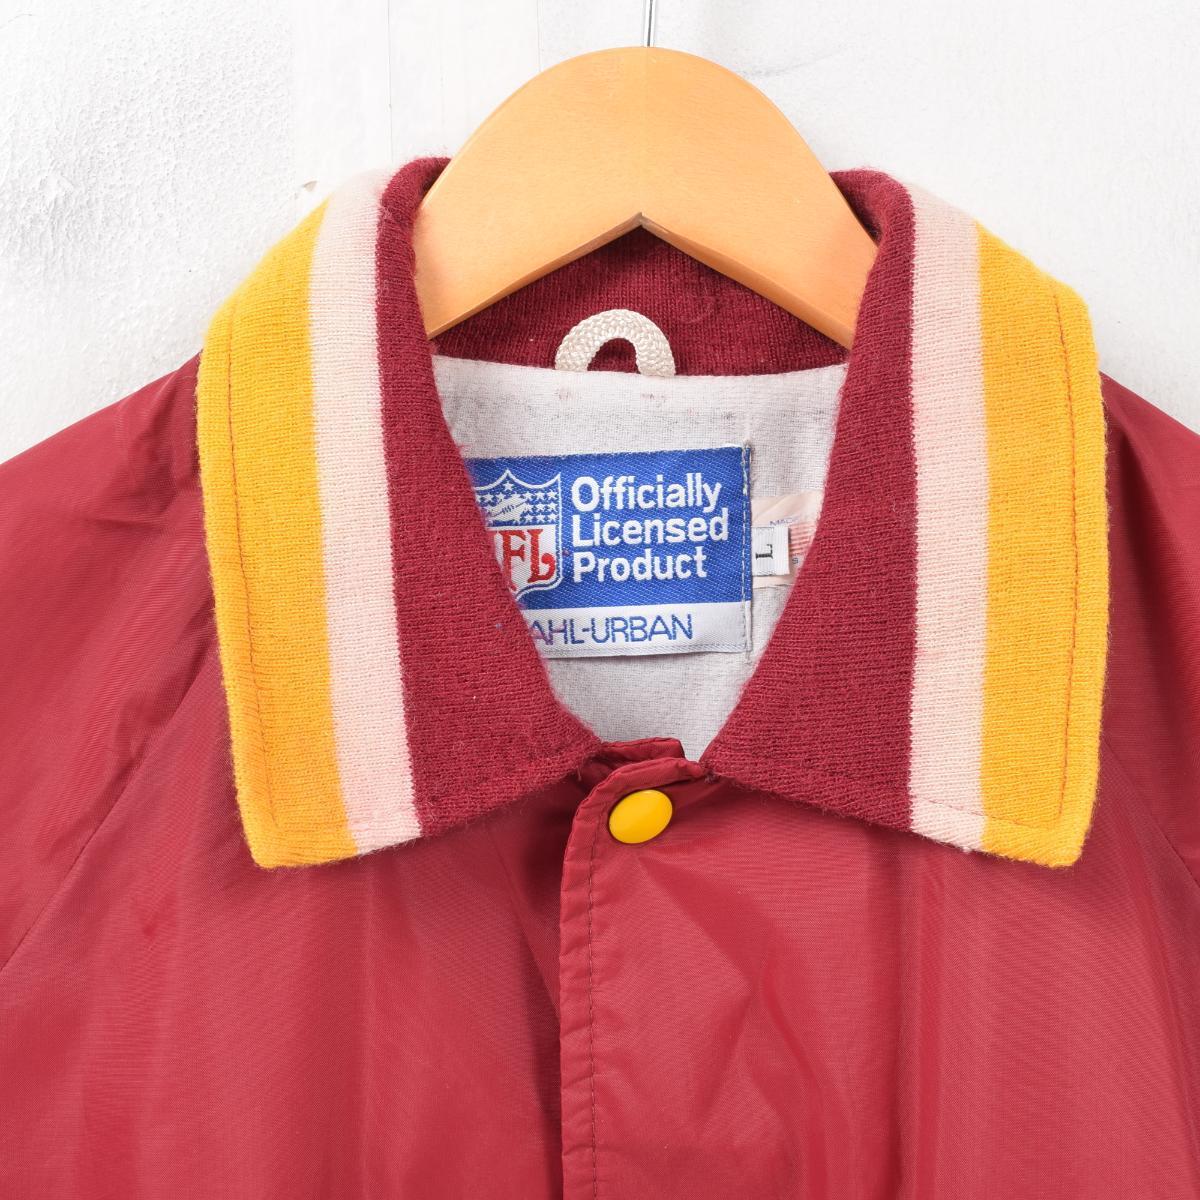 0f93d763 VINTAGE CLOTHING JAM: Men L /wbb1019 made in NFL OFFICIAL LICENSED ...